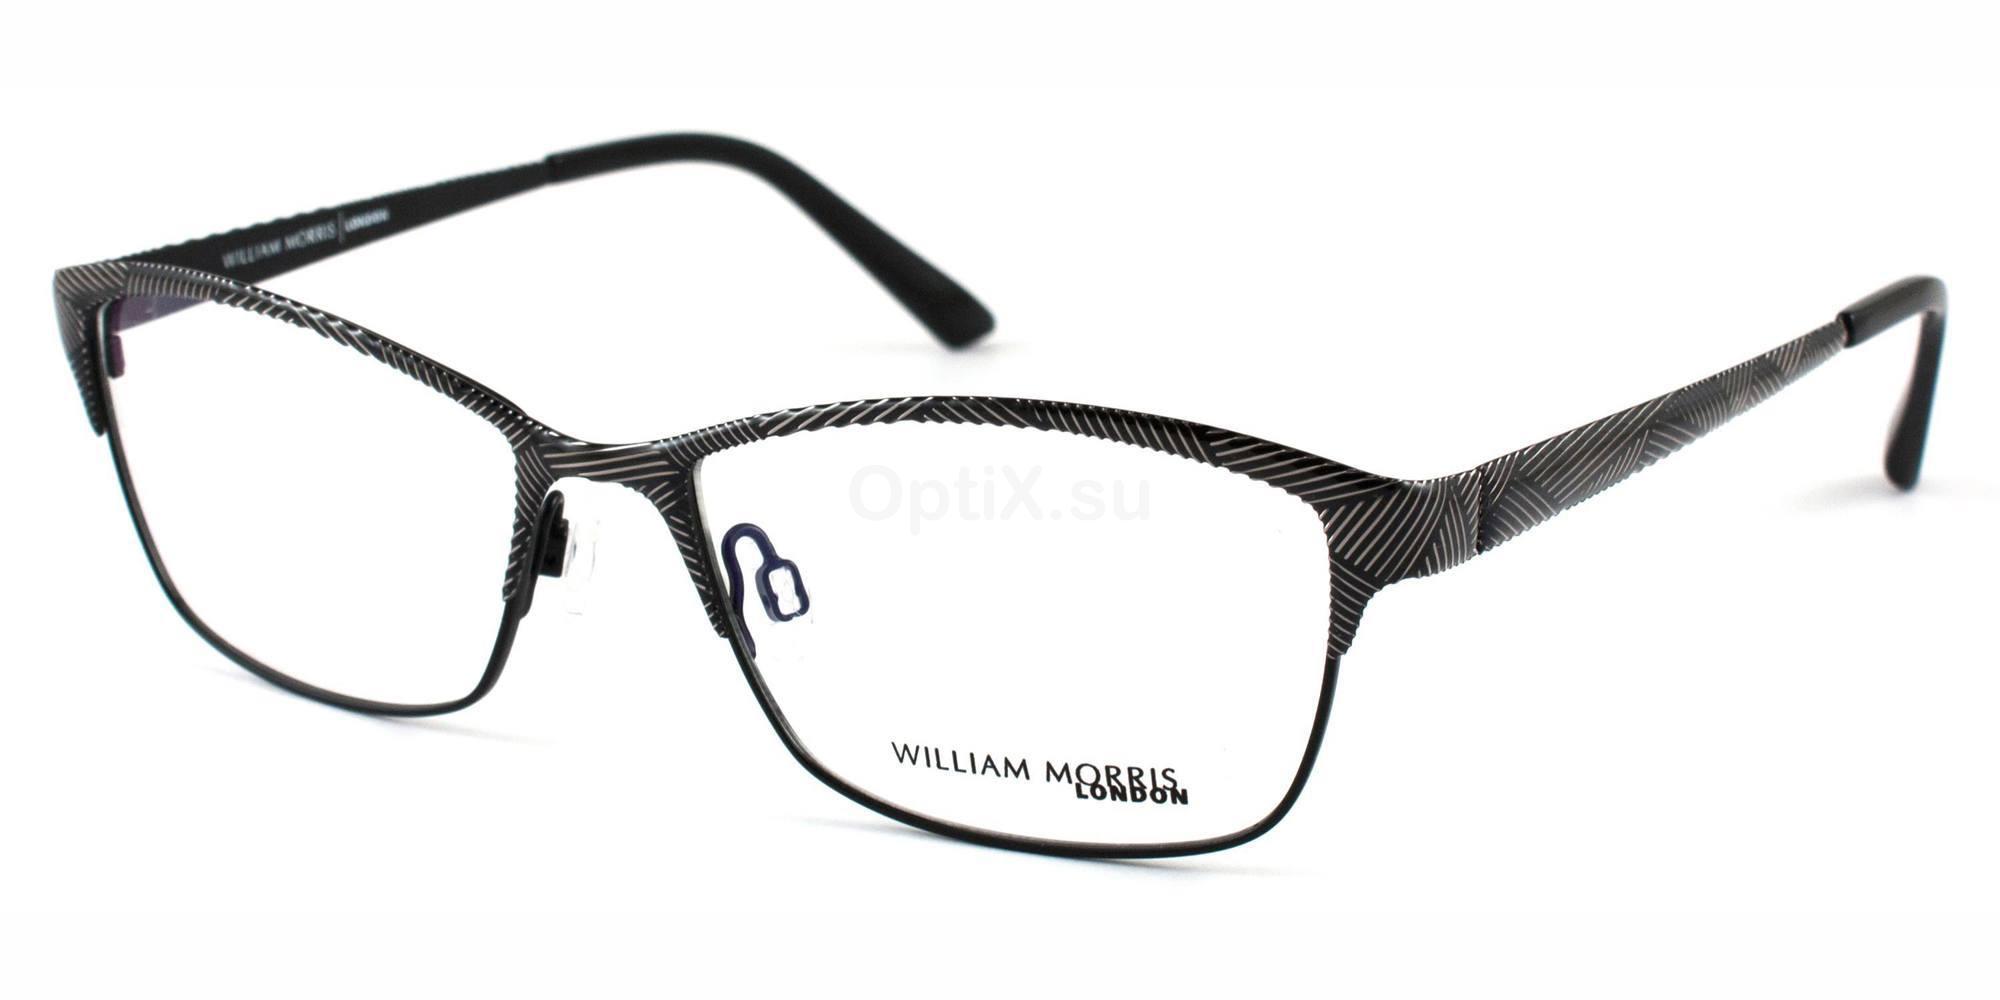 C1 WL4133 , William Morris London